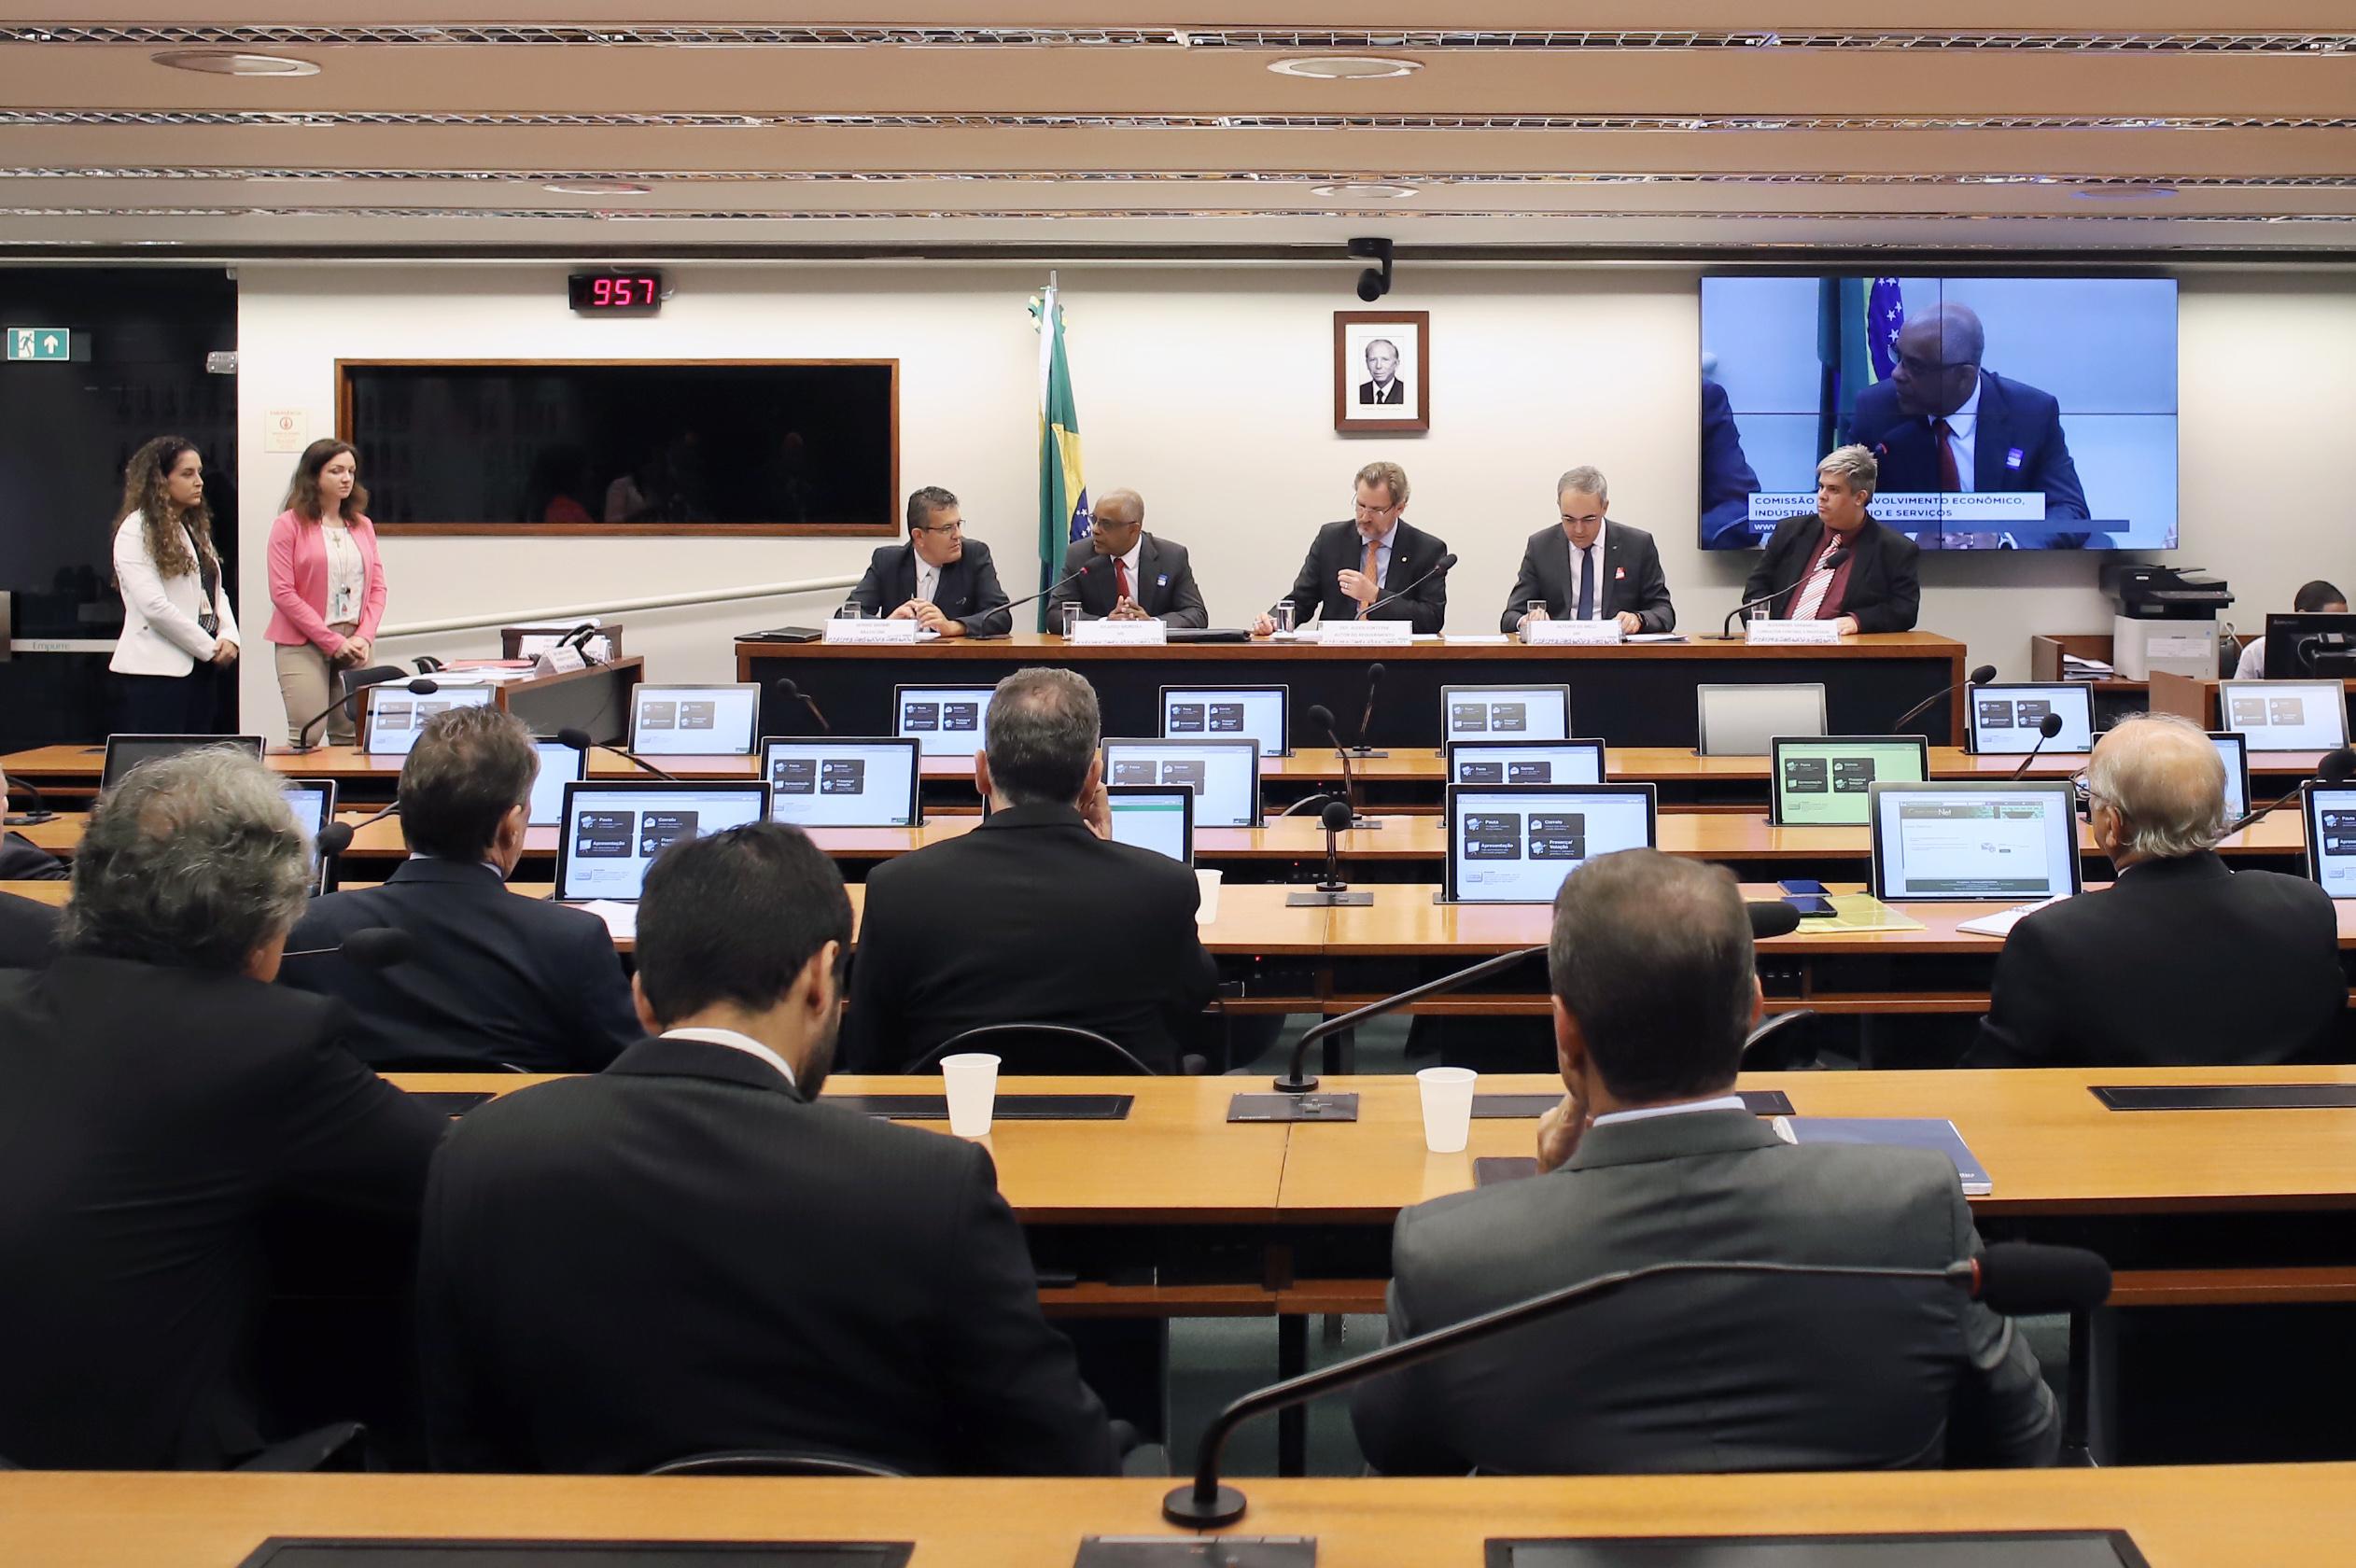 Audiência pública sobre os impactos da implantação do sistema ESocial na economia brasileira